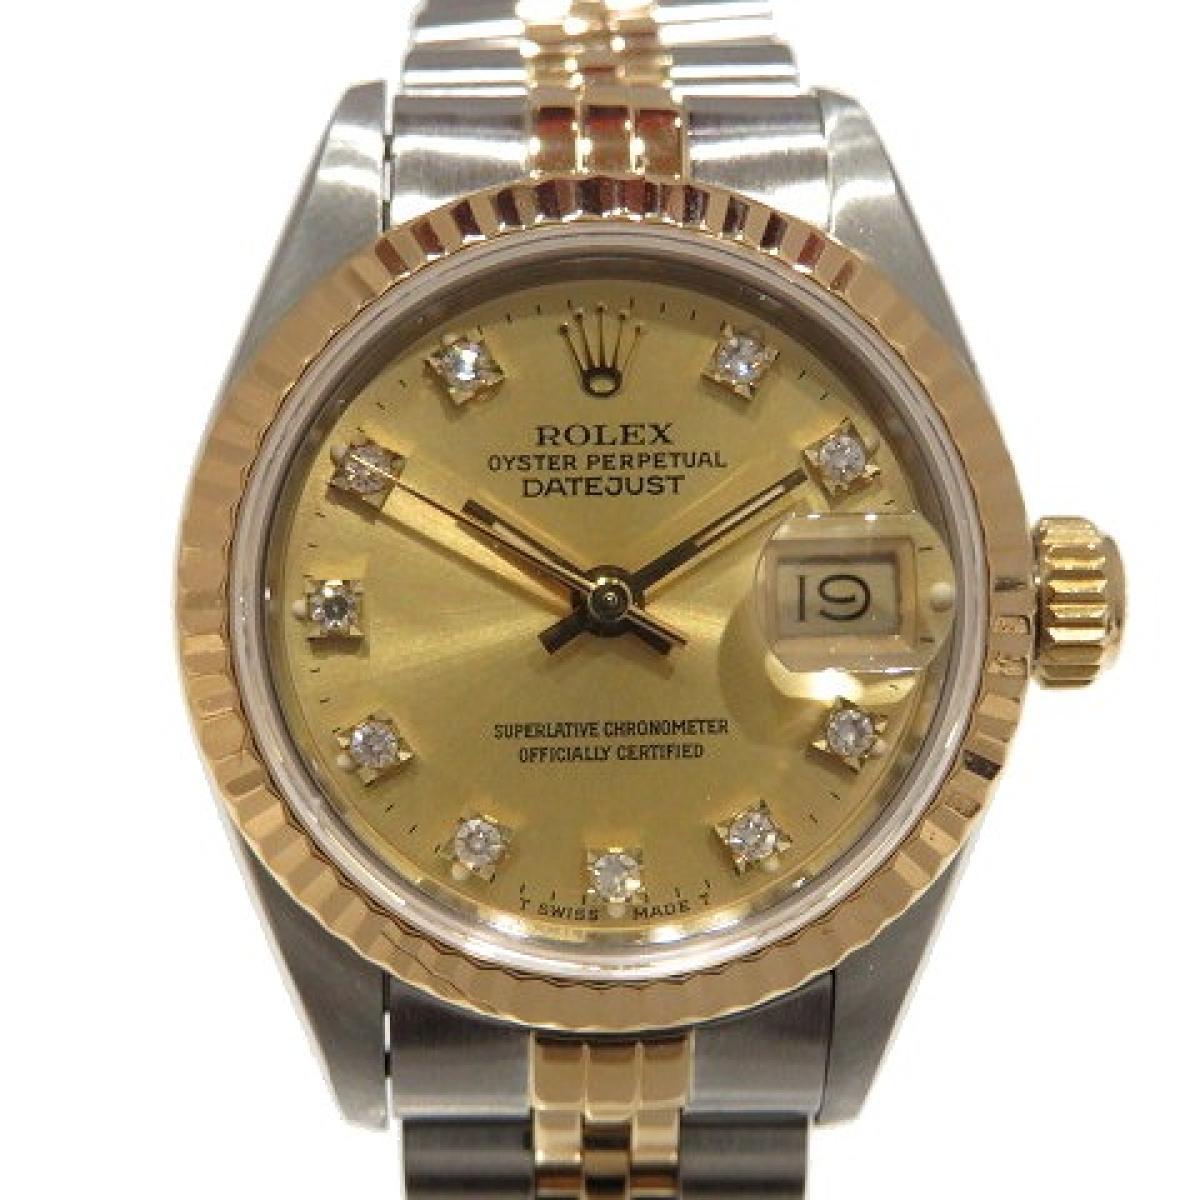 デイトジャスト/腕時計/レディース/SALE/お買得品